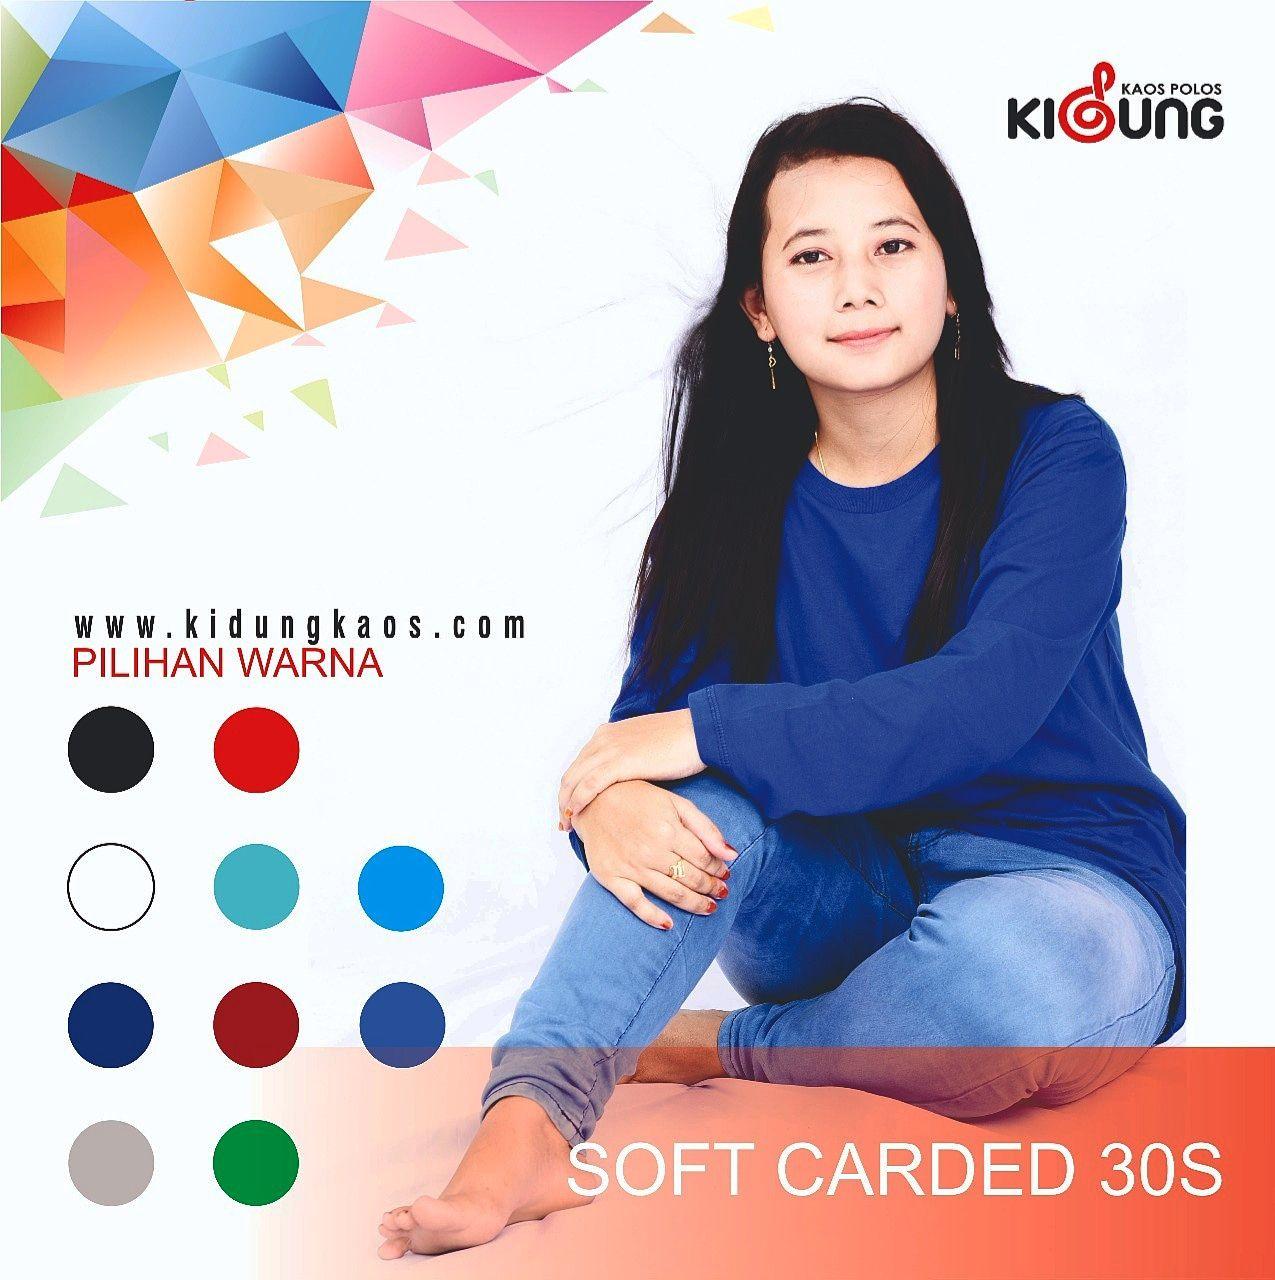 Kaos Polos Soft Cardet 30s